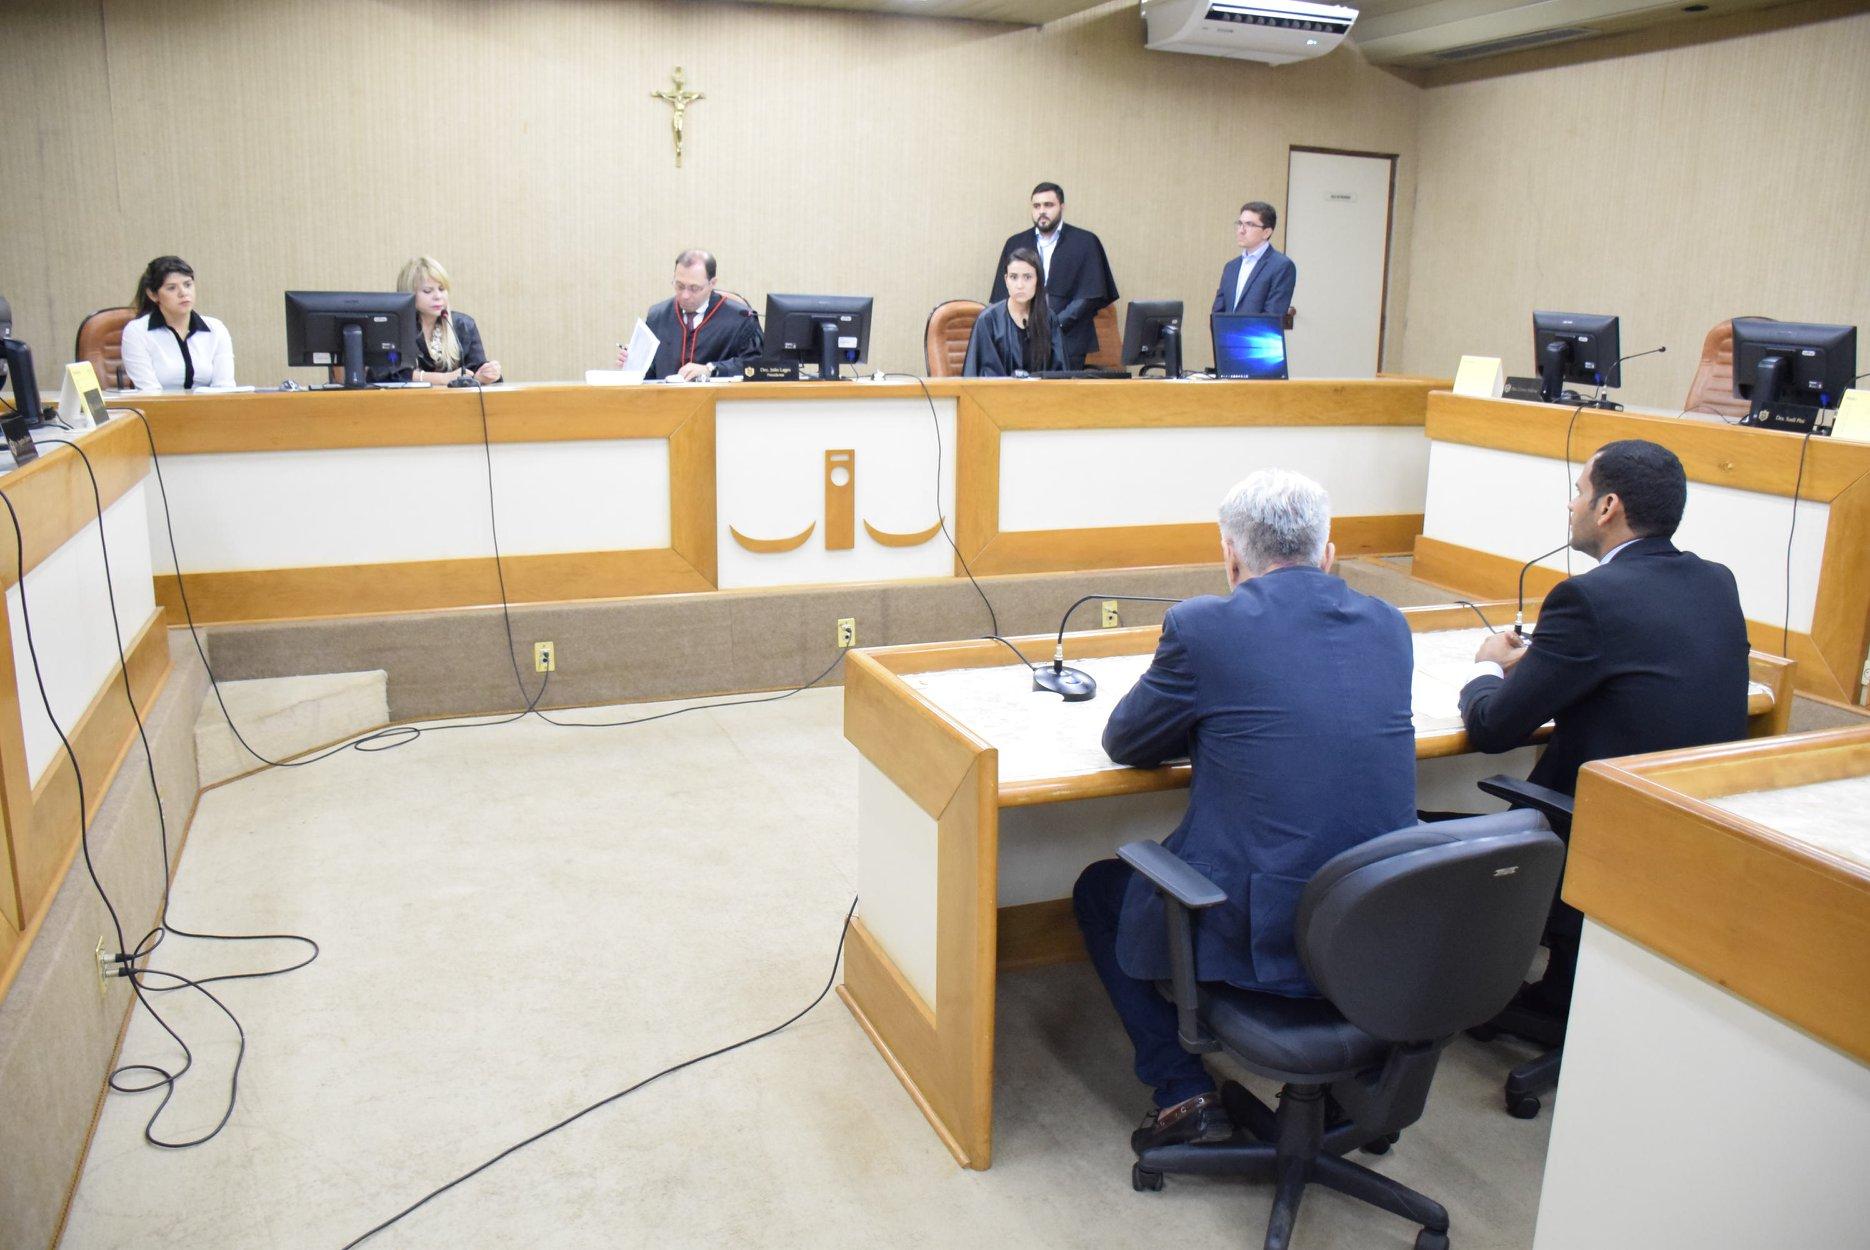 Eider Pena e Agnaldo Balieiro recebem benefício da prisão domiciliar